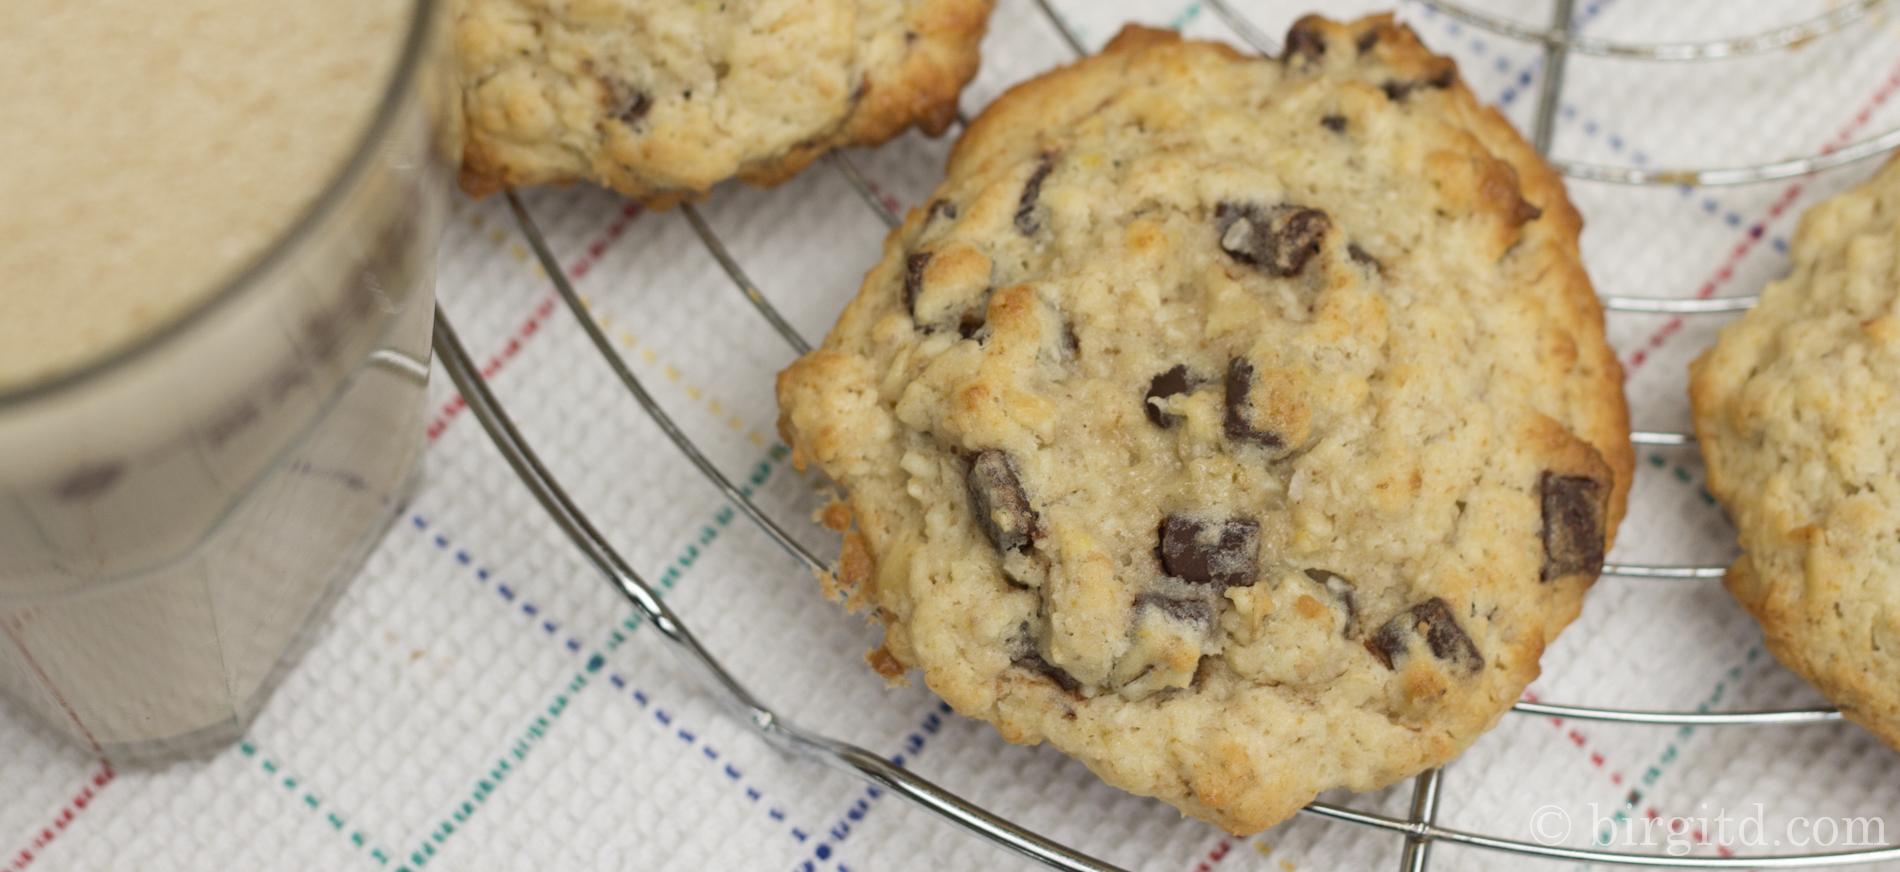 Kernige Bananen-Kokos-Cookies mit Schoko-Chips